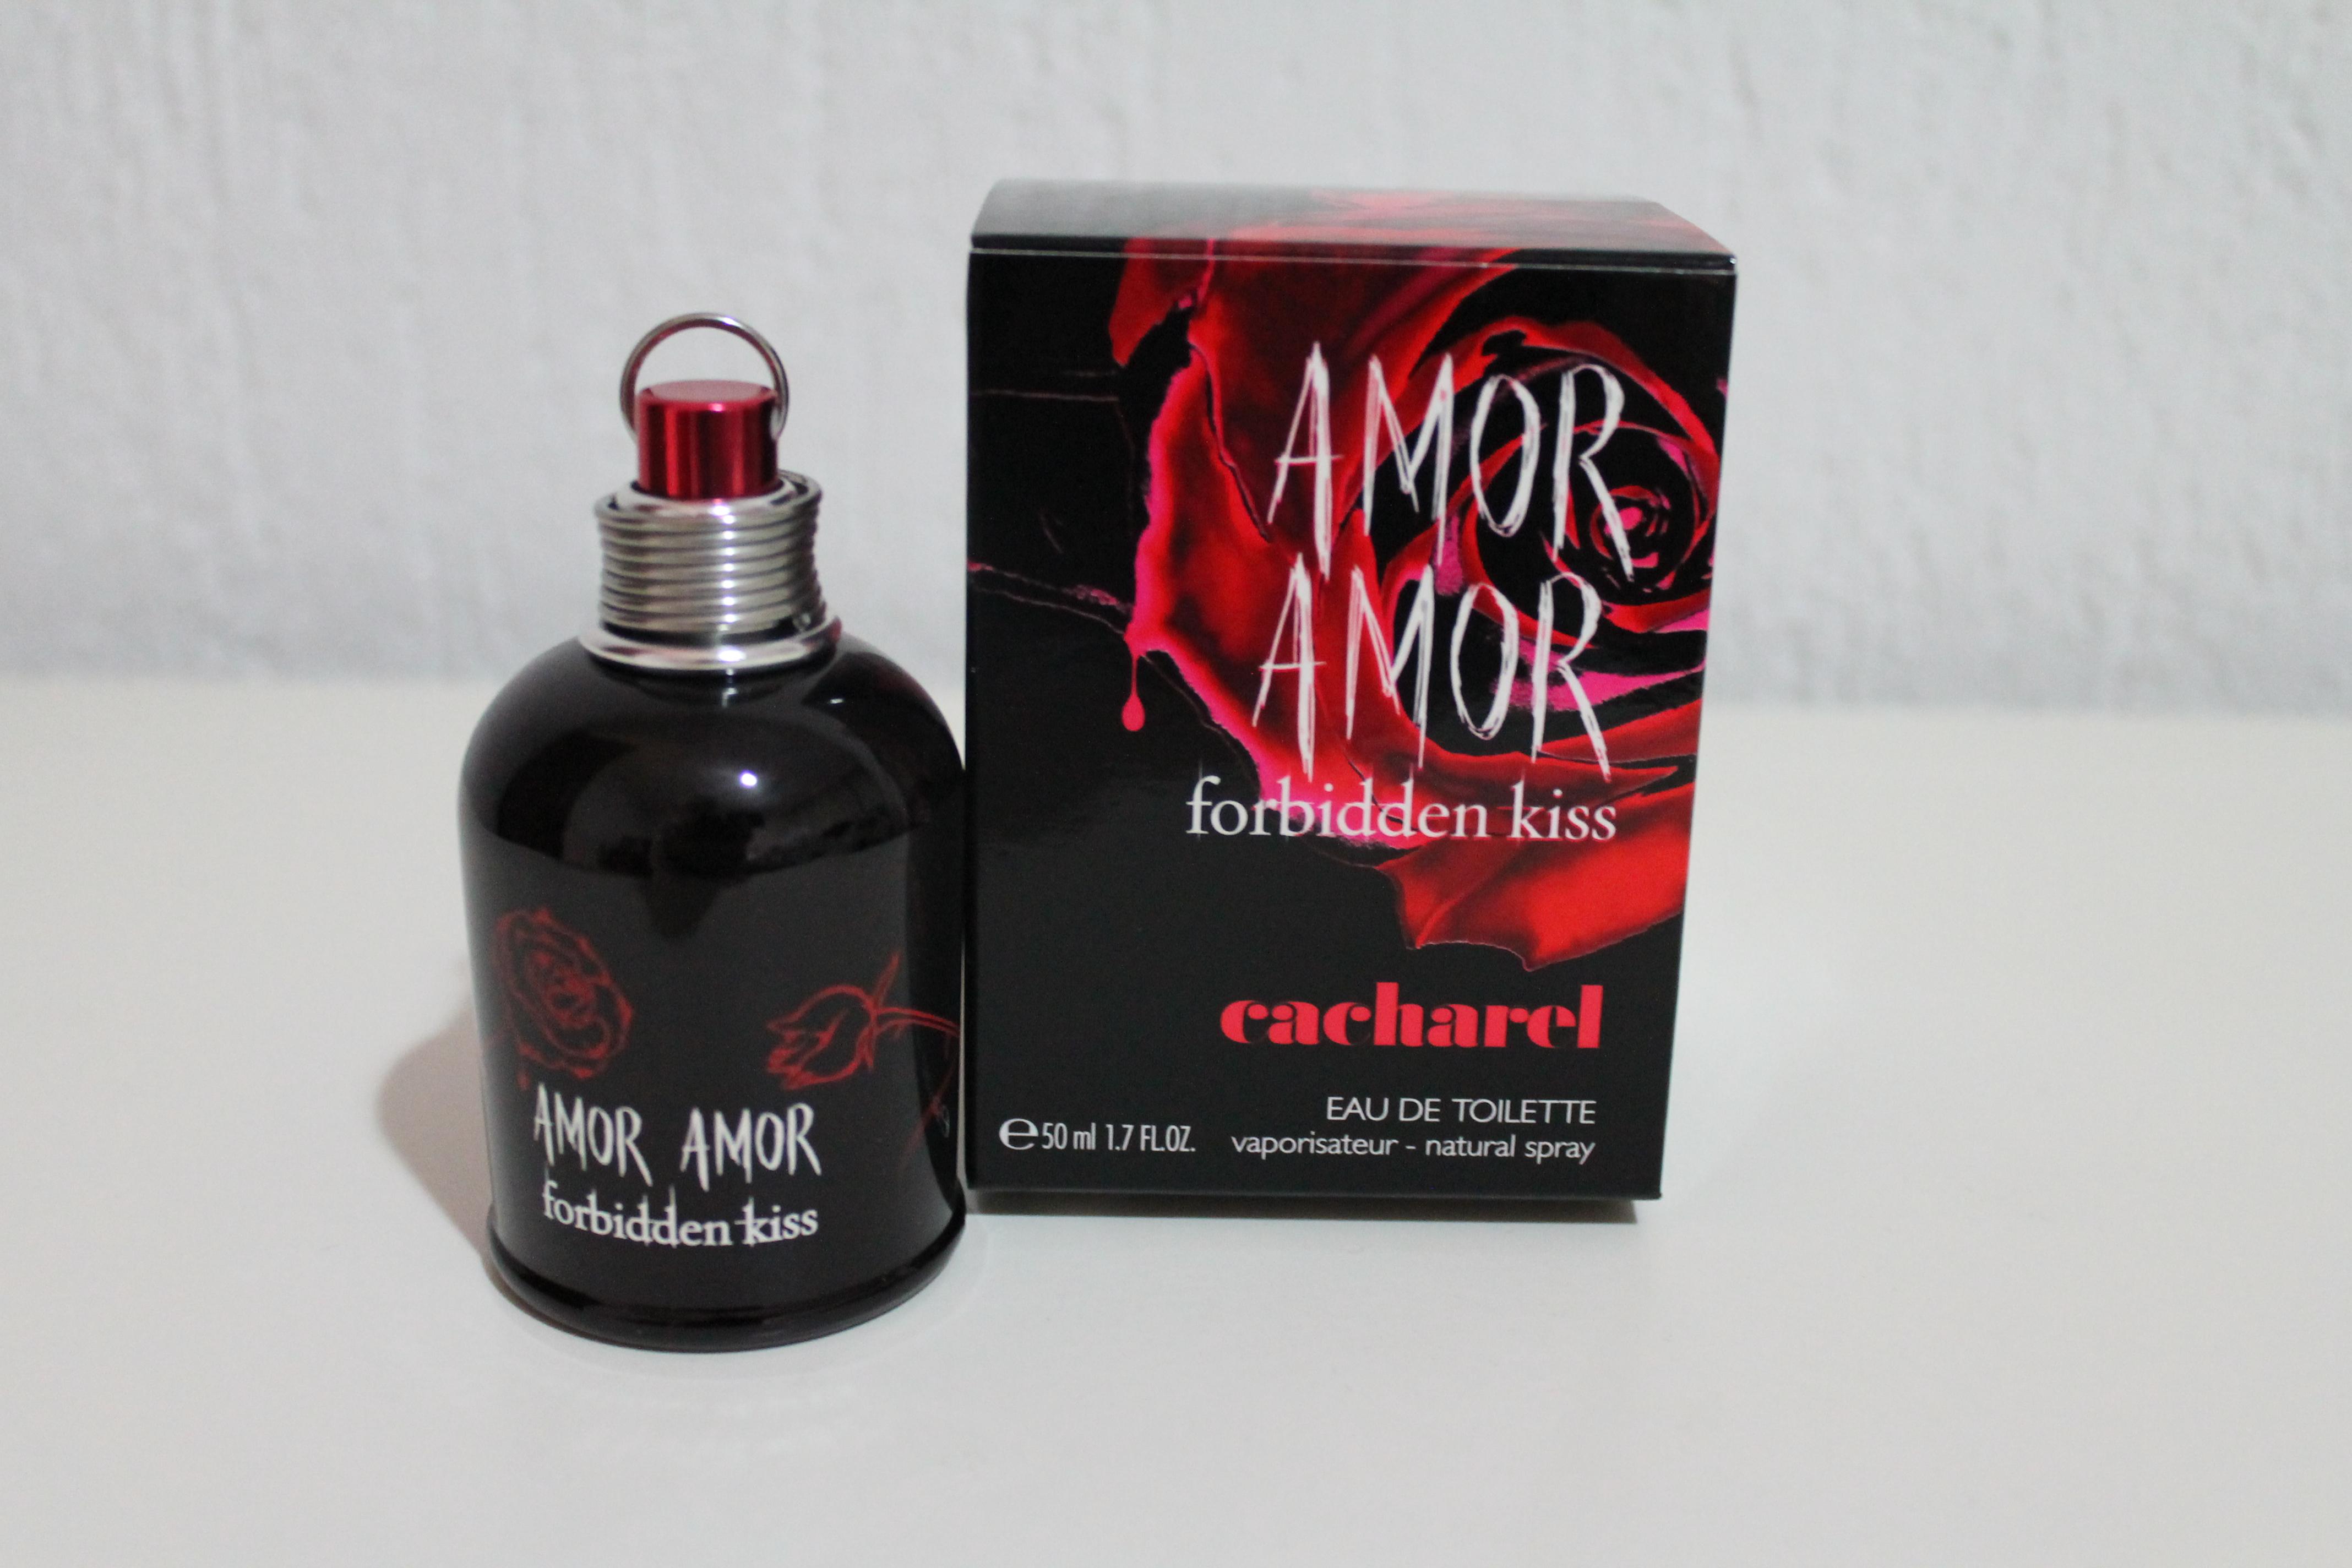 Parfum Amor Amor Shop Pas Cher Maroc El Houda Agadir Maroc